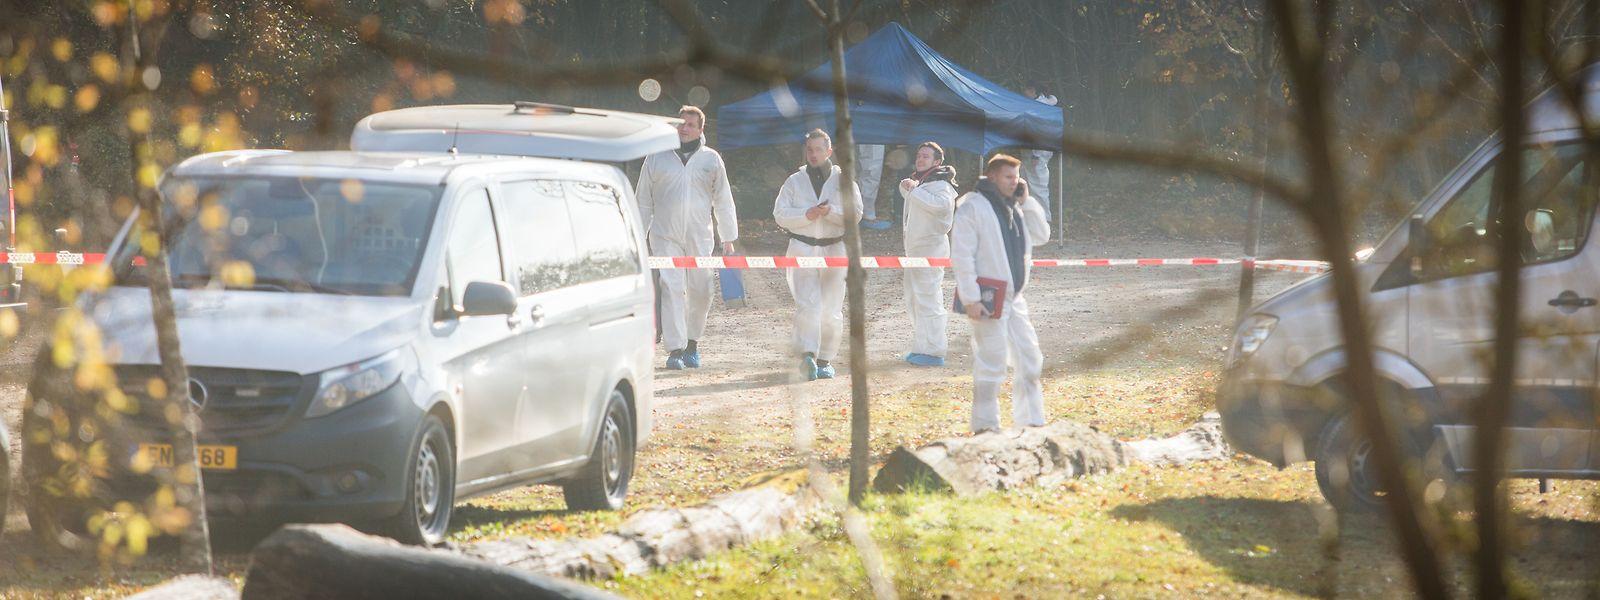 Am 14. November 2016 wurde beim Fräiheetsbam in Strassen die Leiche von Florentina E. gefunden. Sie war in der Nacht zuvor mit einem Kopfschuss getötet worden.